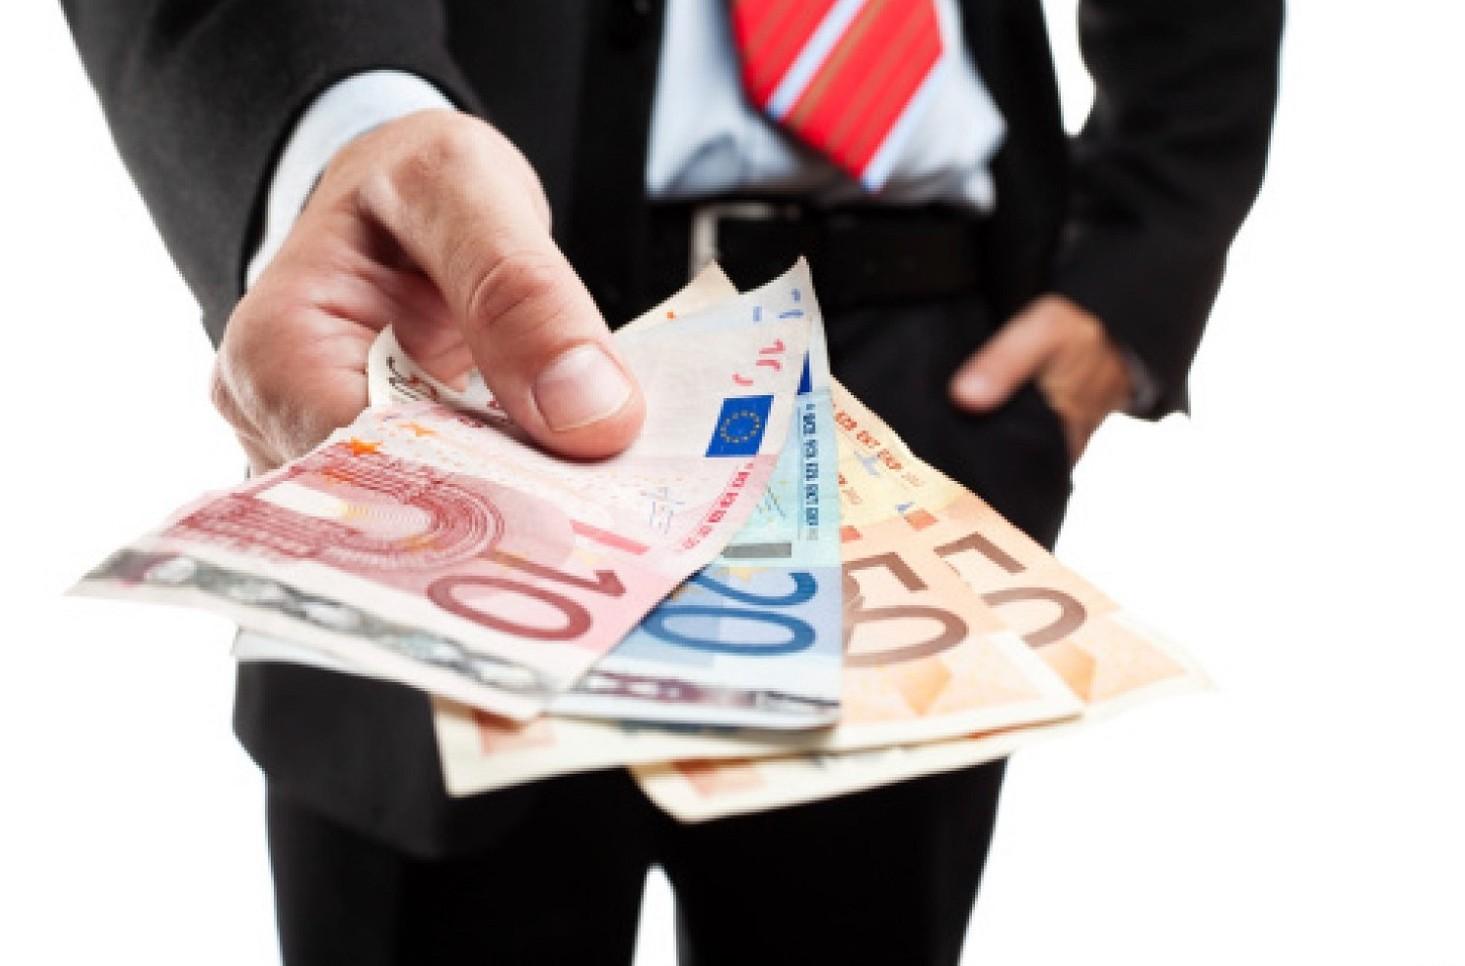 Tassi di interesse prestiti e mutui: qua